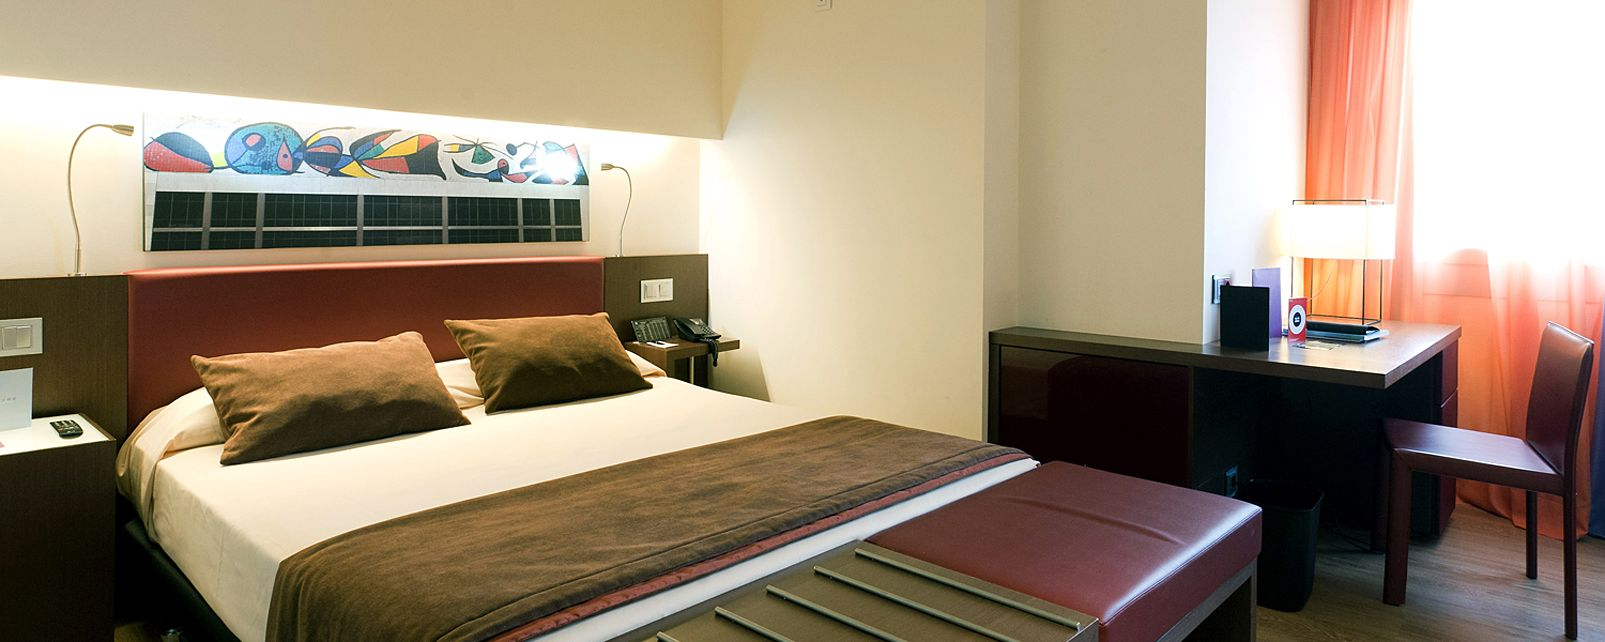 Hotel Ayre Gran Colón